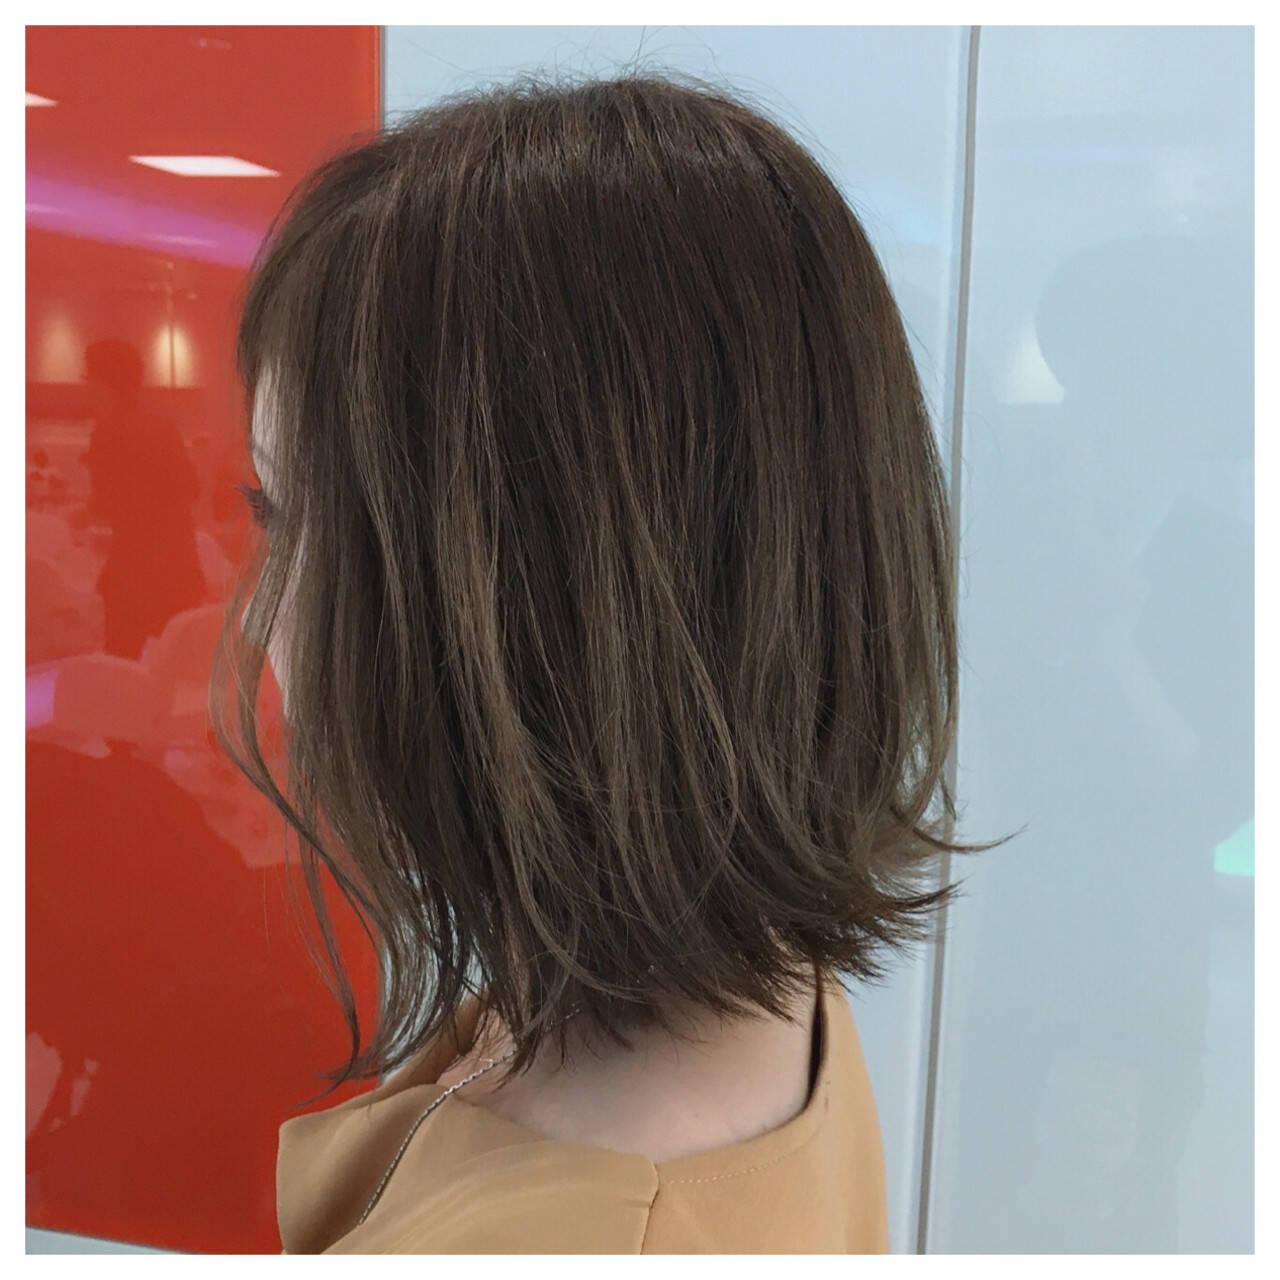 グラデーションカラー 外国人風カラー ボブ グレージュヘアスタイルや髪型の写真・画像